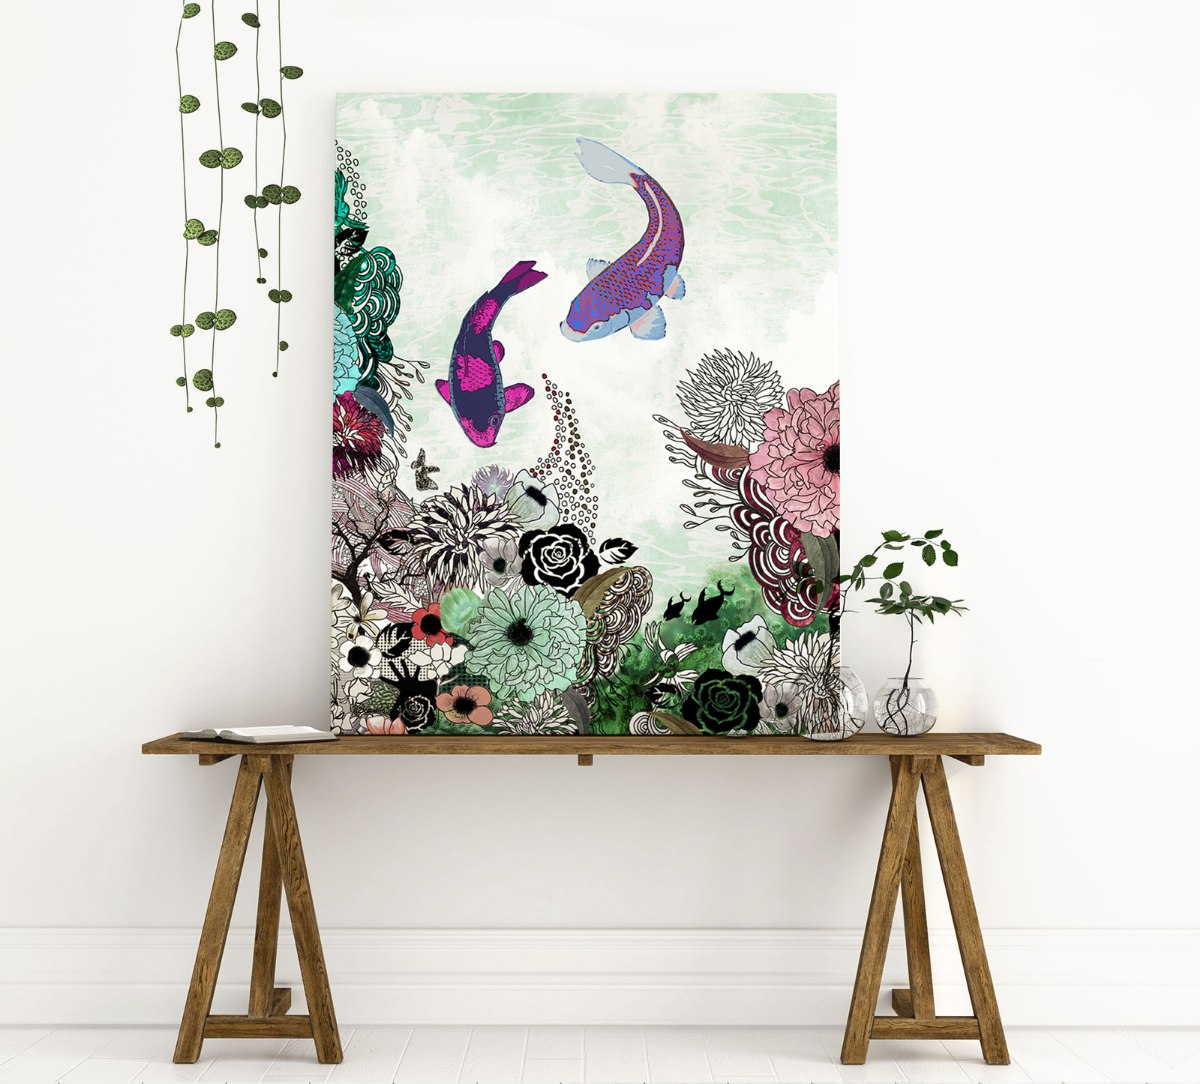 אומנות פנג שואי לבית